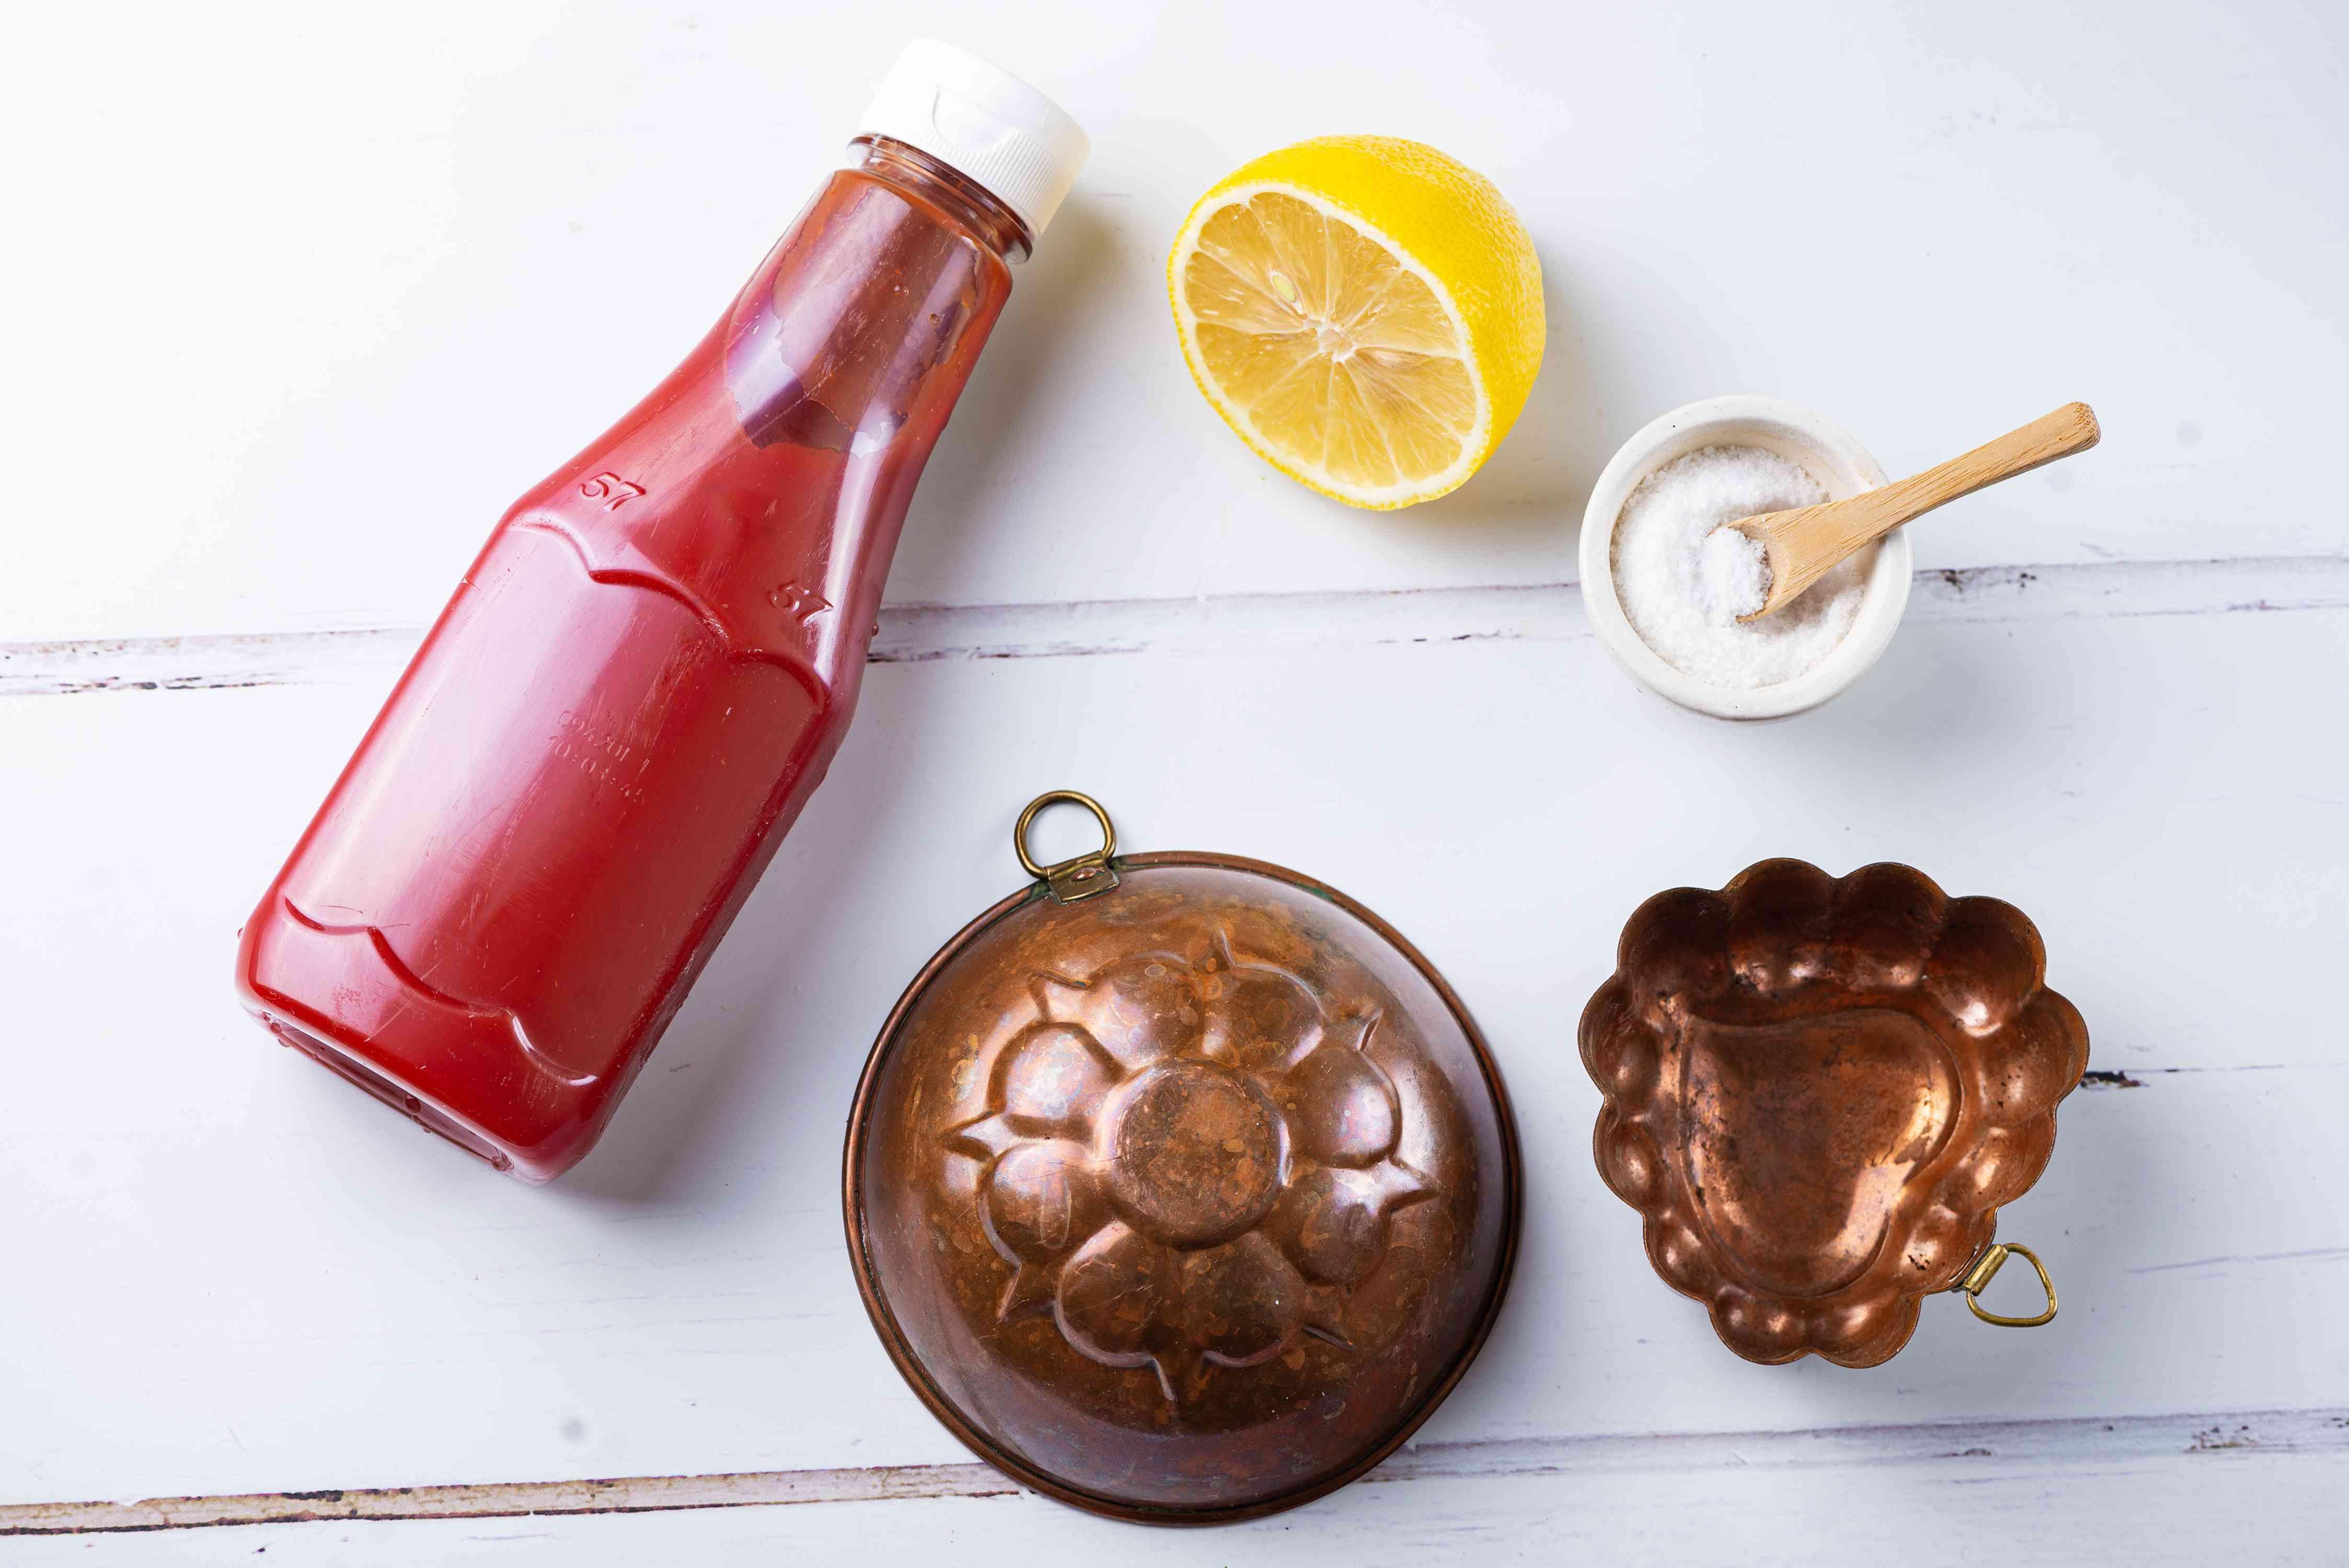 ketchup, lemon, and salt as options for tarnish removal